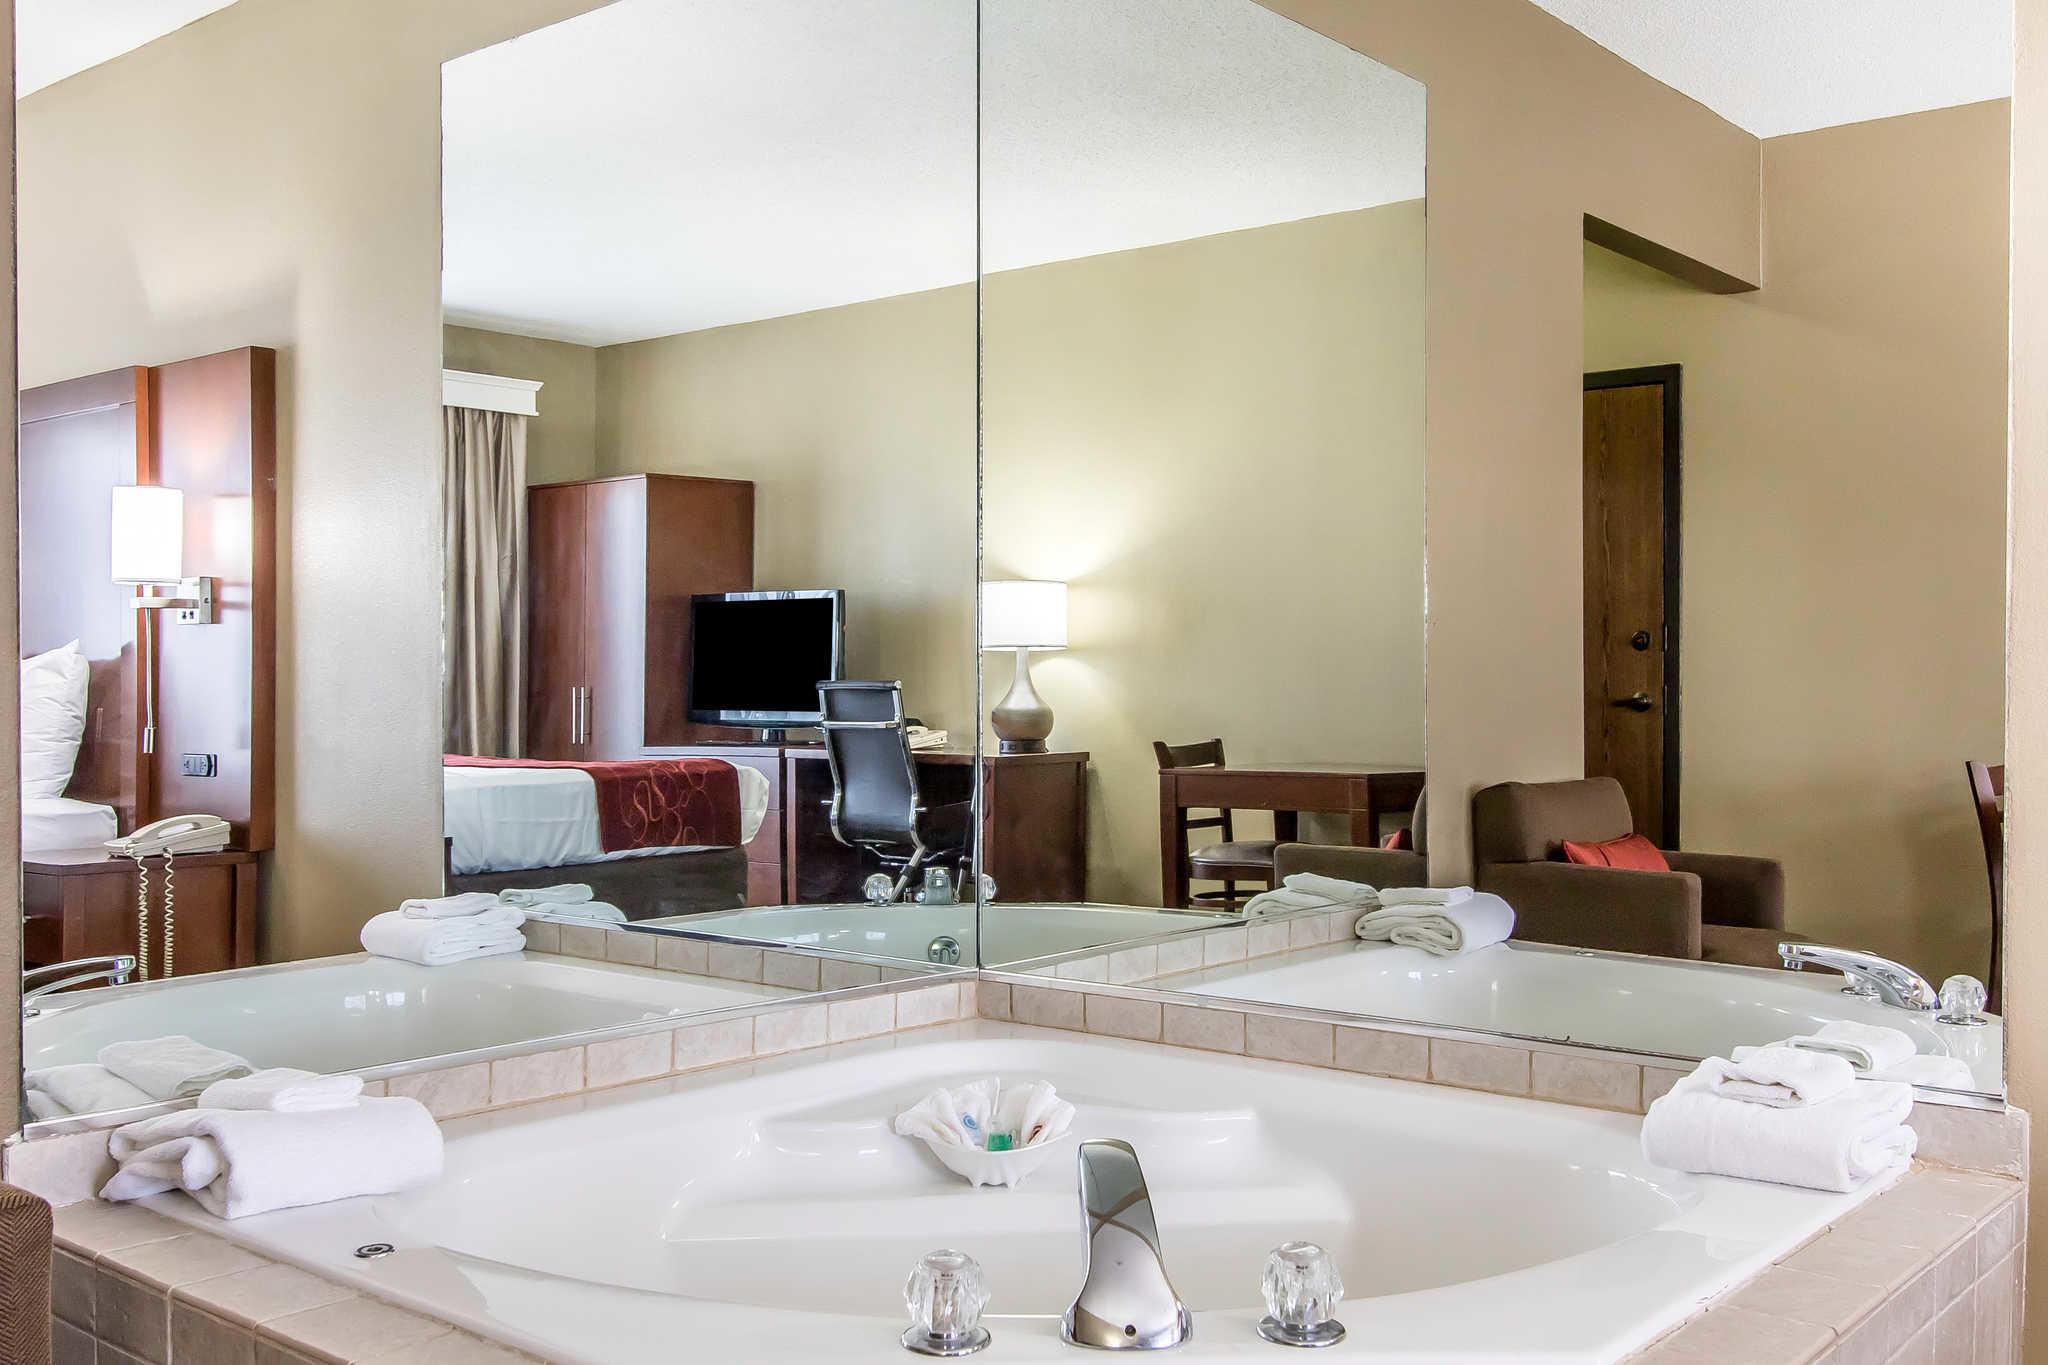 Comfort Suites Effingham Il Comfort Suites Effingham